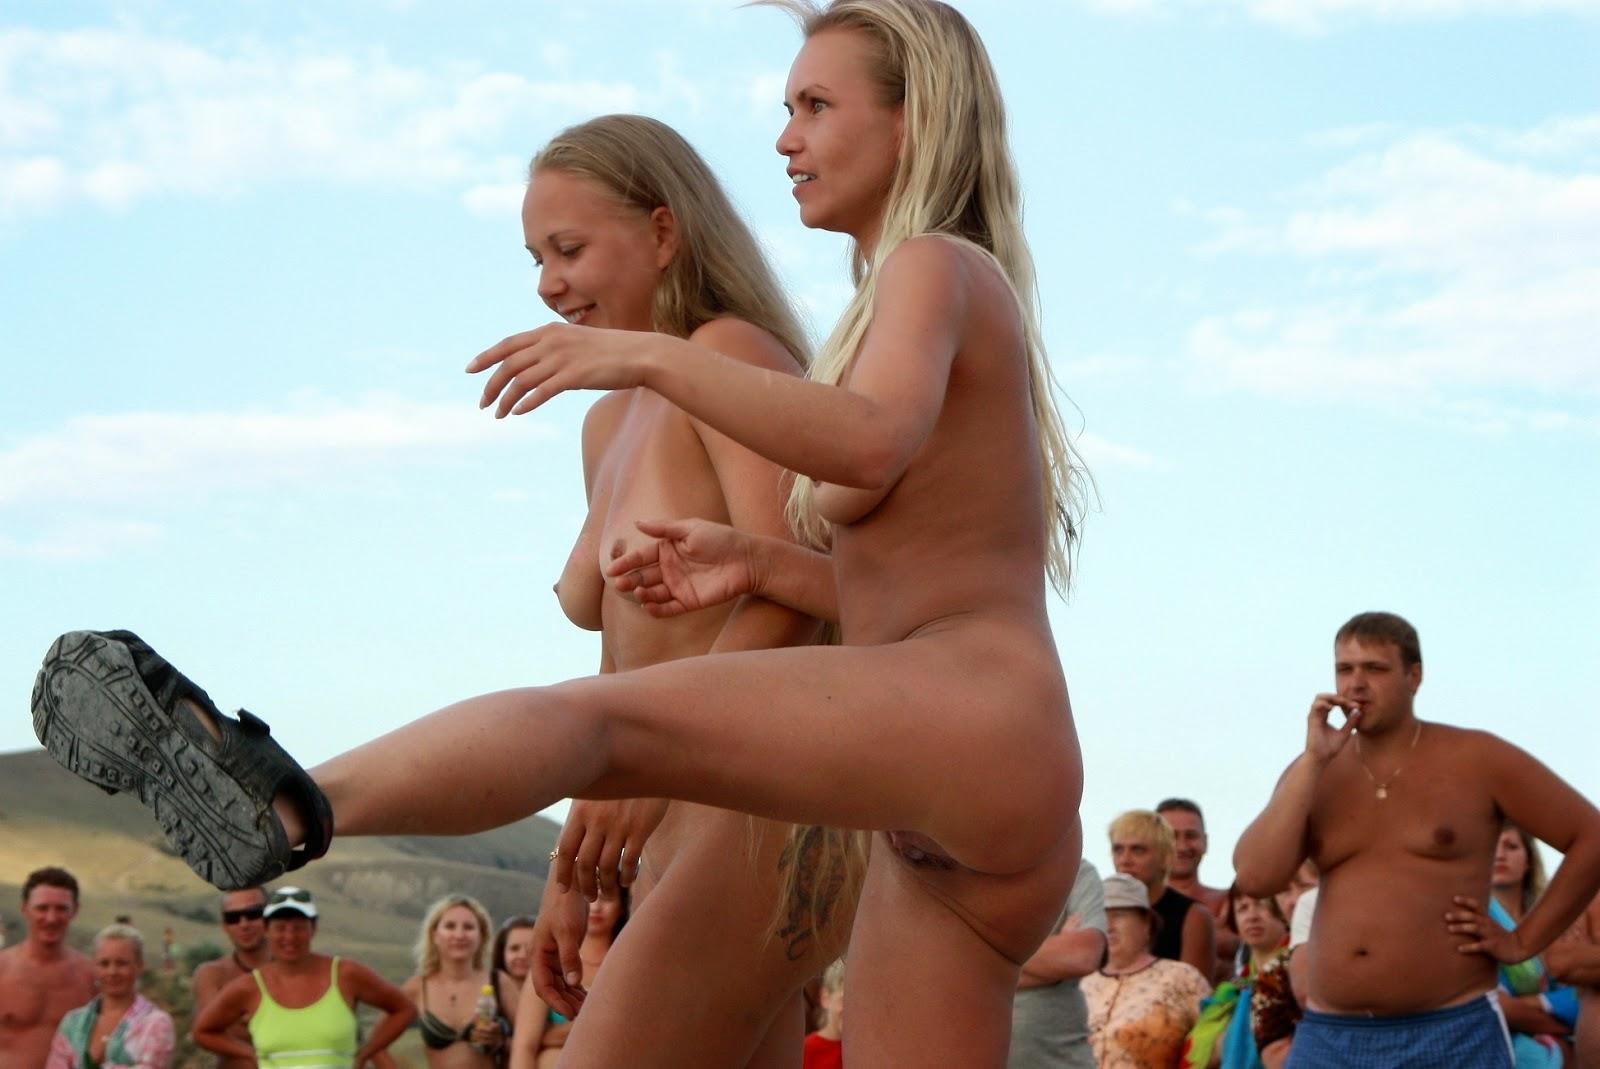 nudists dancing